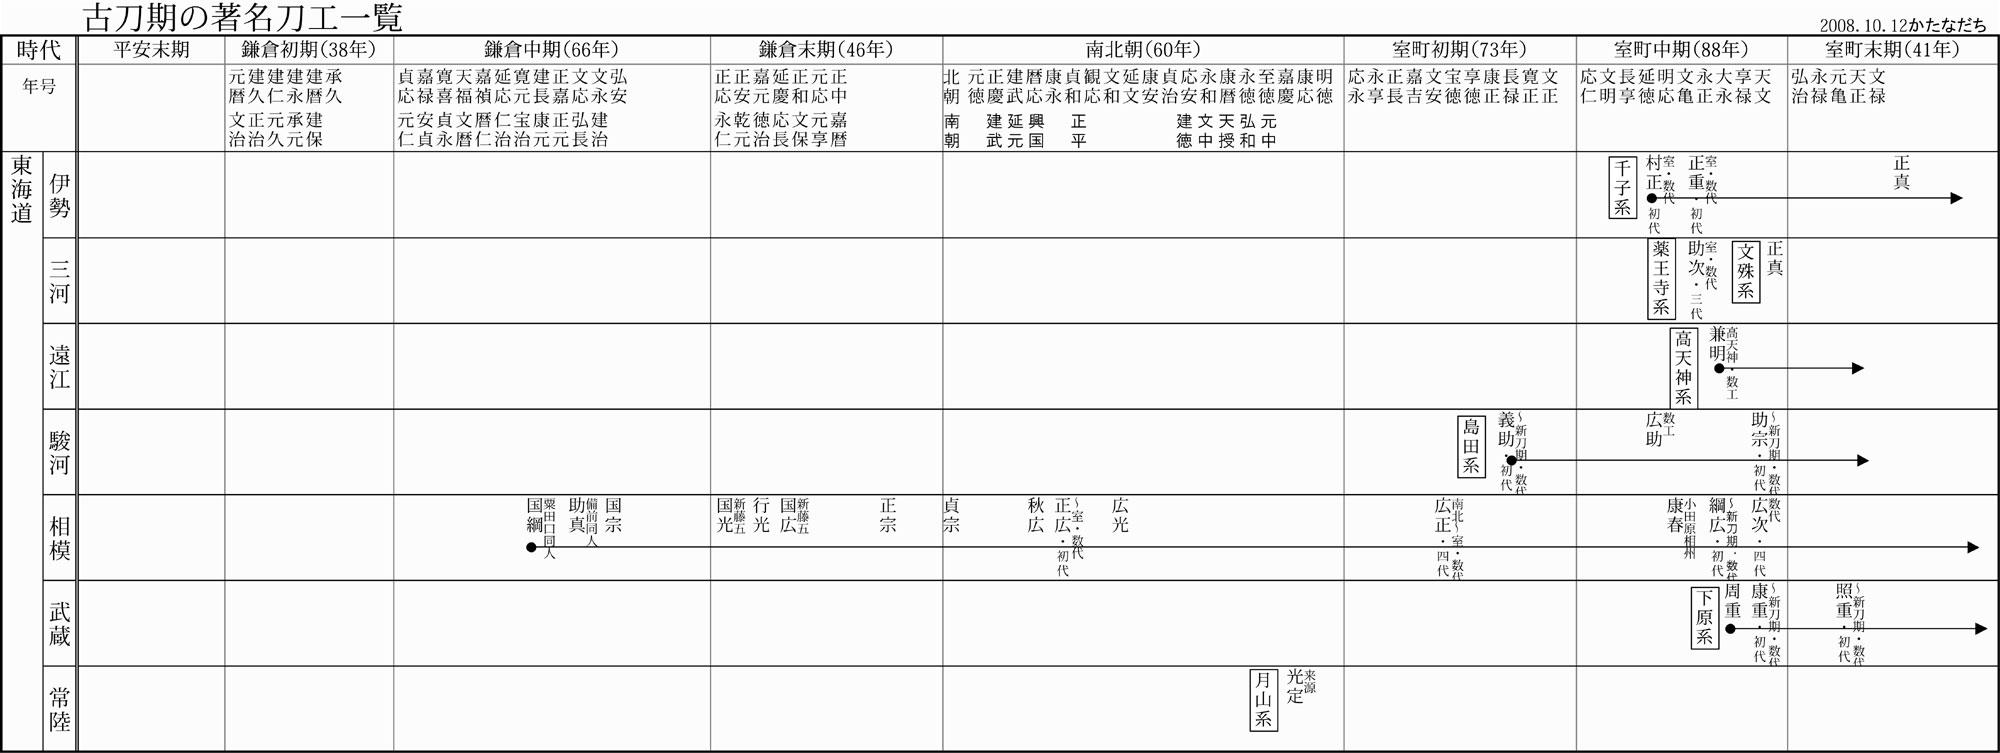 東海道の古刀期刀剣年表